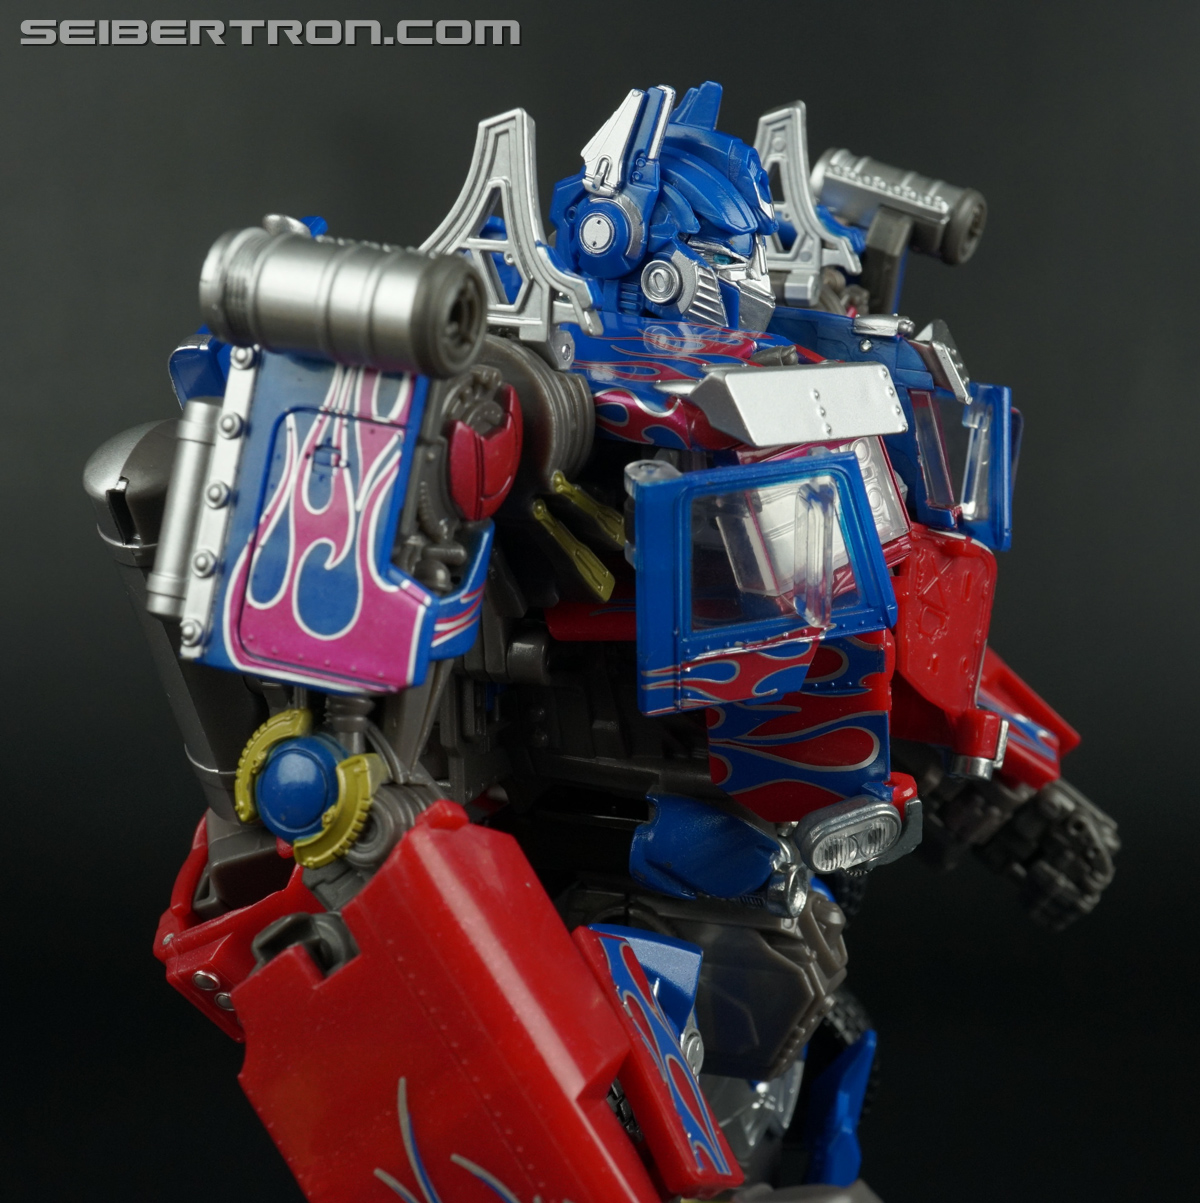 Transformers Masterpiece Movie Series Optimus Prime (Image #92 of 270)